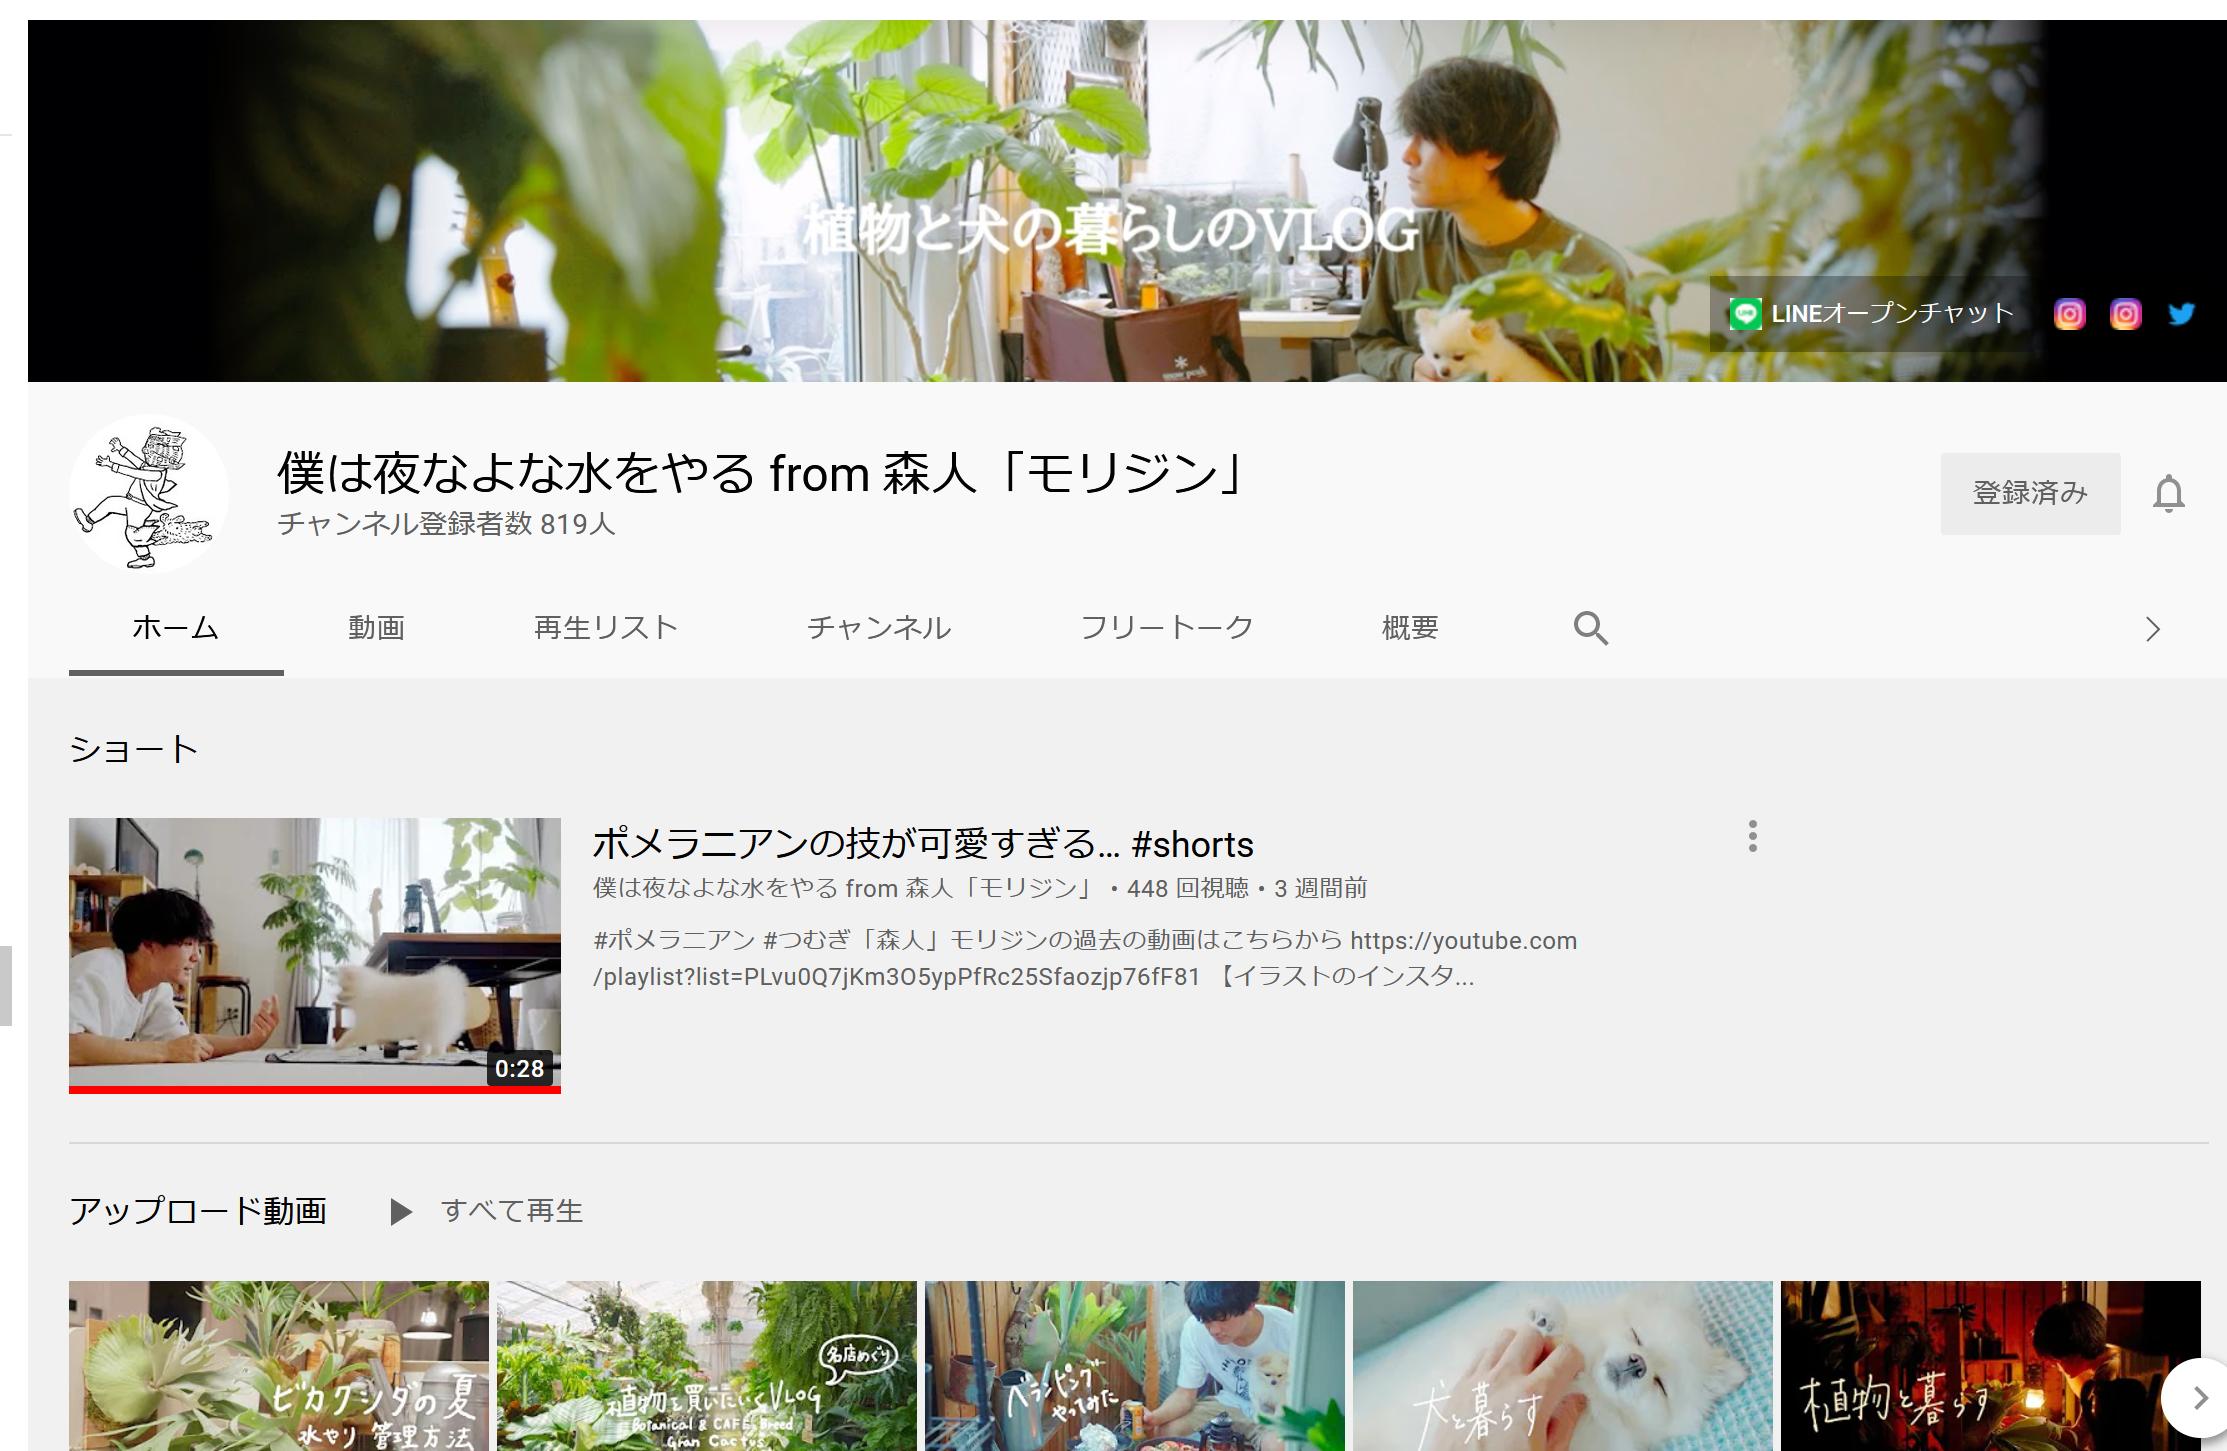 【必見】2021年植物系YouTuberが増え続けている!!